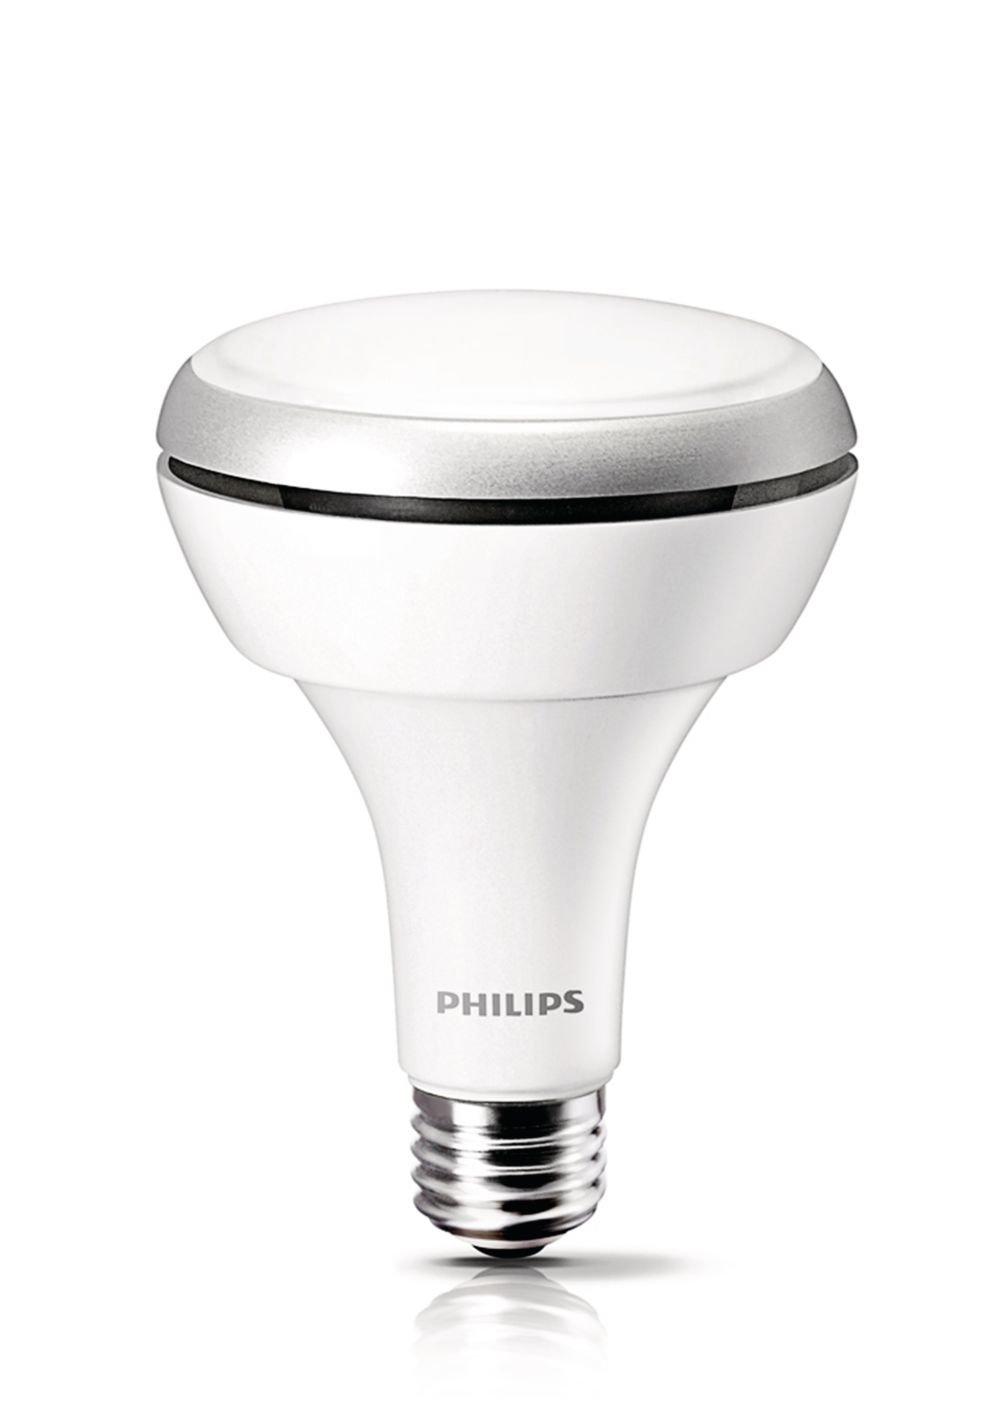 Philips 425306 8.5 Watt (65-Watt) BR30 Indoor Daylight (5000K) LED ...